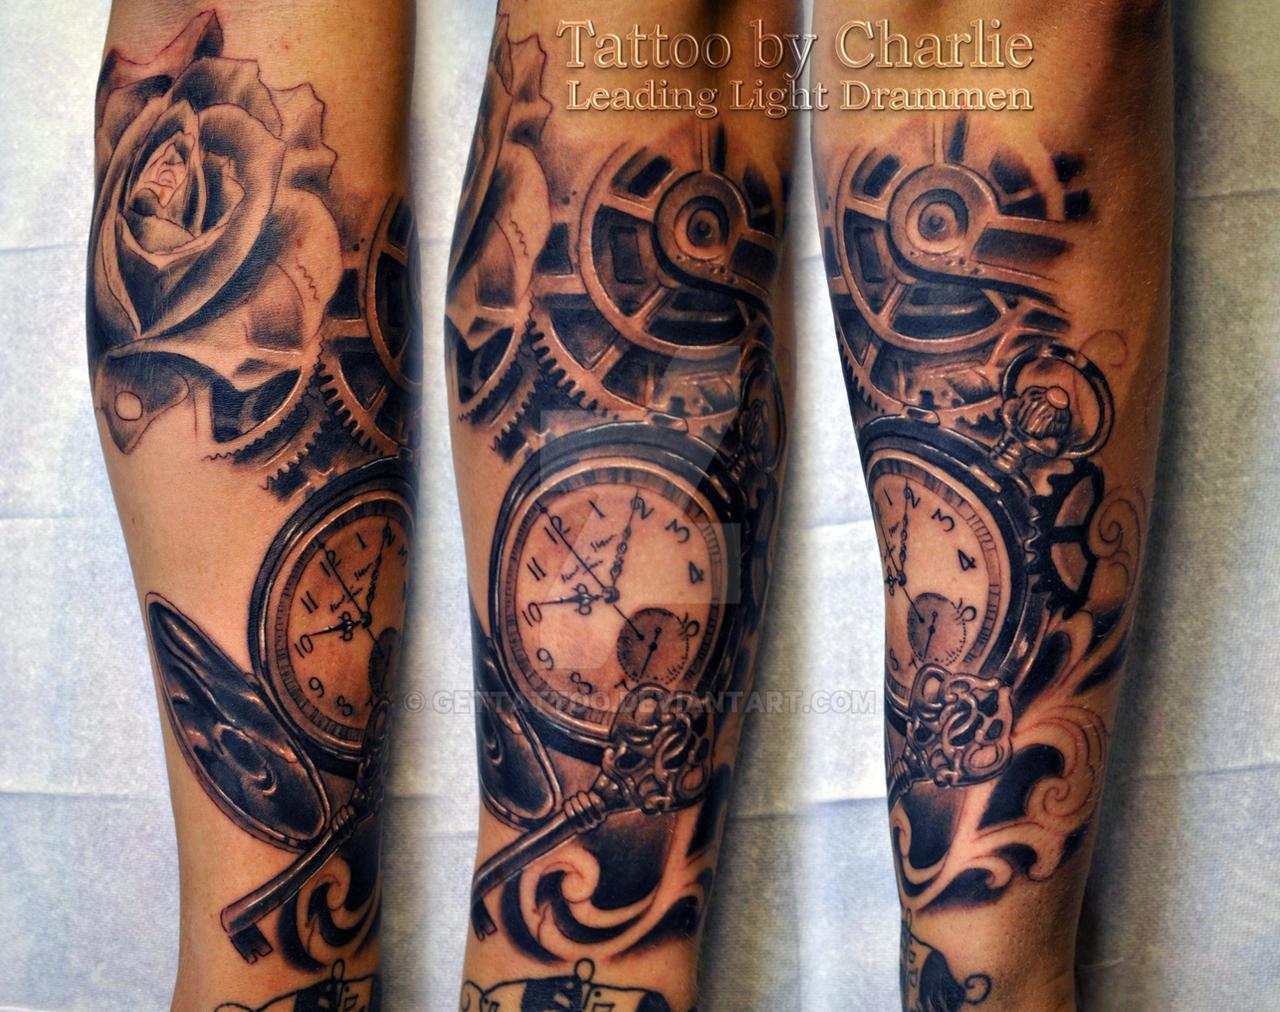 Pocket Watch Sleeve Tattoo In Progress By Gettattoo On